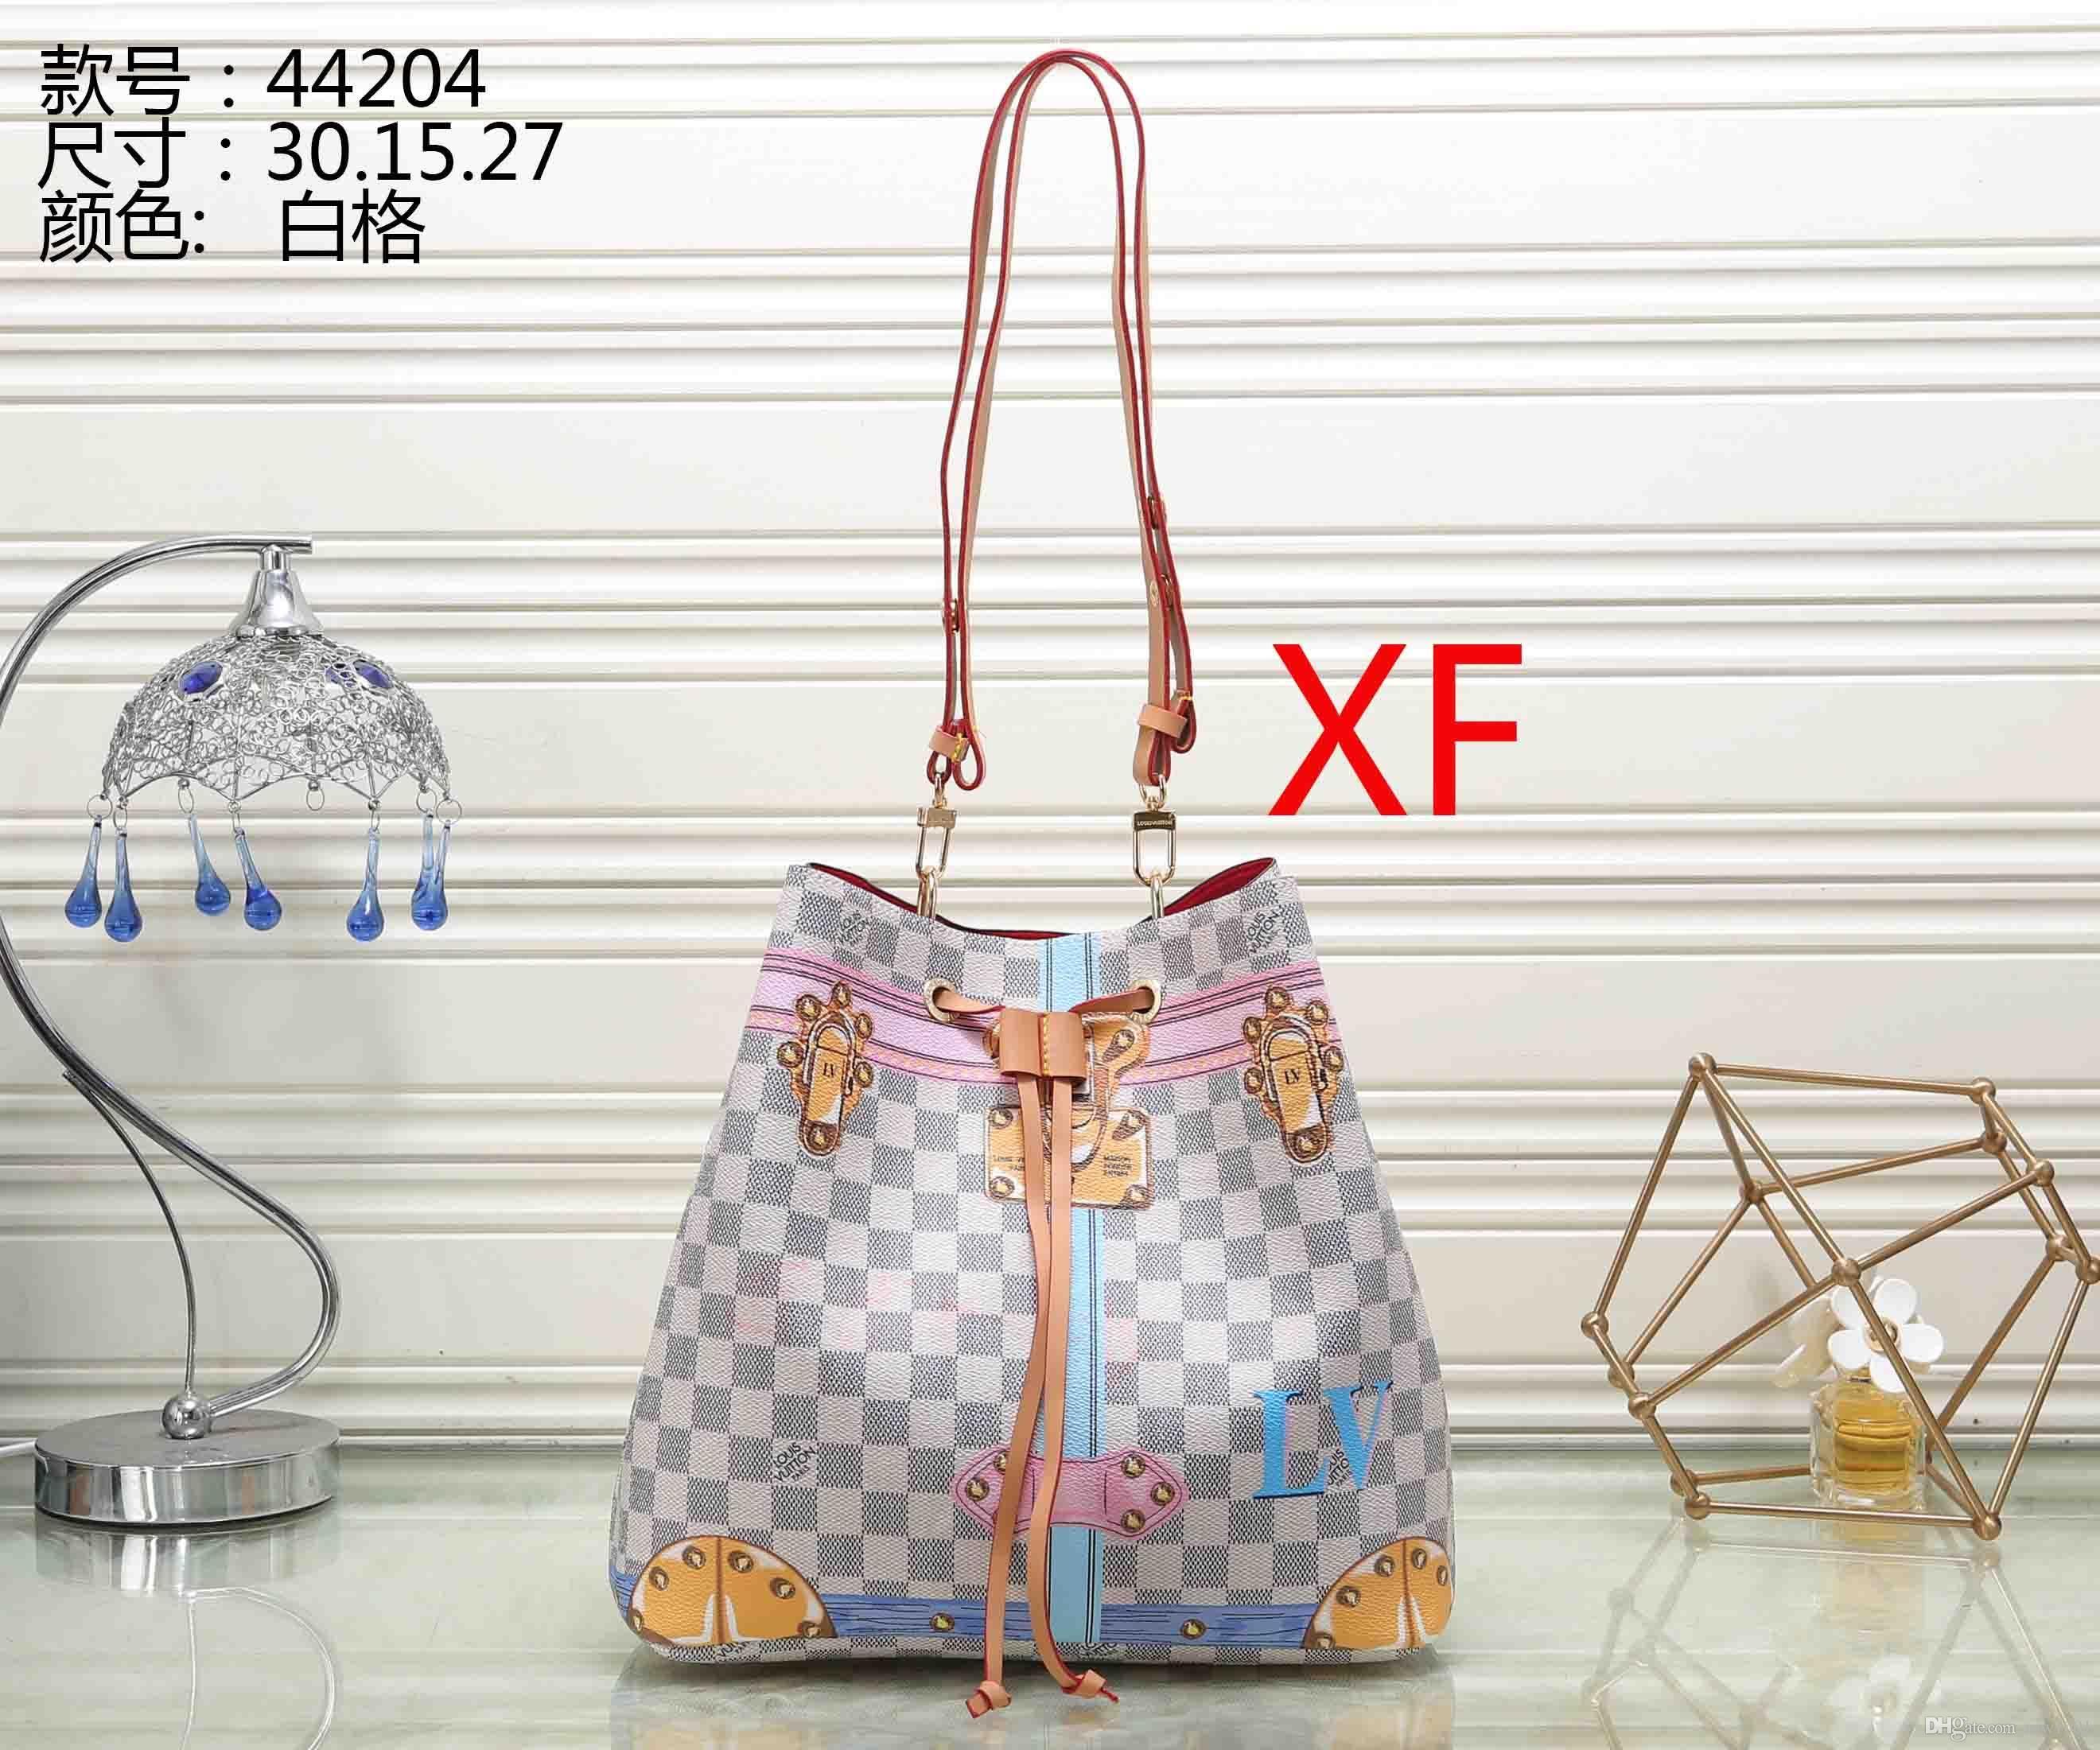 520afc856f180 Mode Luxus Designer Handtaschen Hohe Qualität Valentine Italienische Echtes Leder  Tasche Niet Kette Crossbody Taschen Für Frauen Umhängetaschen A001